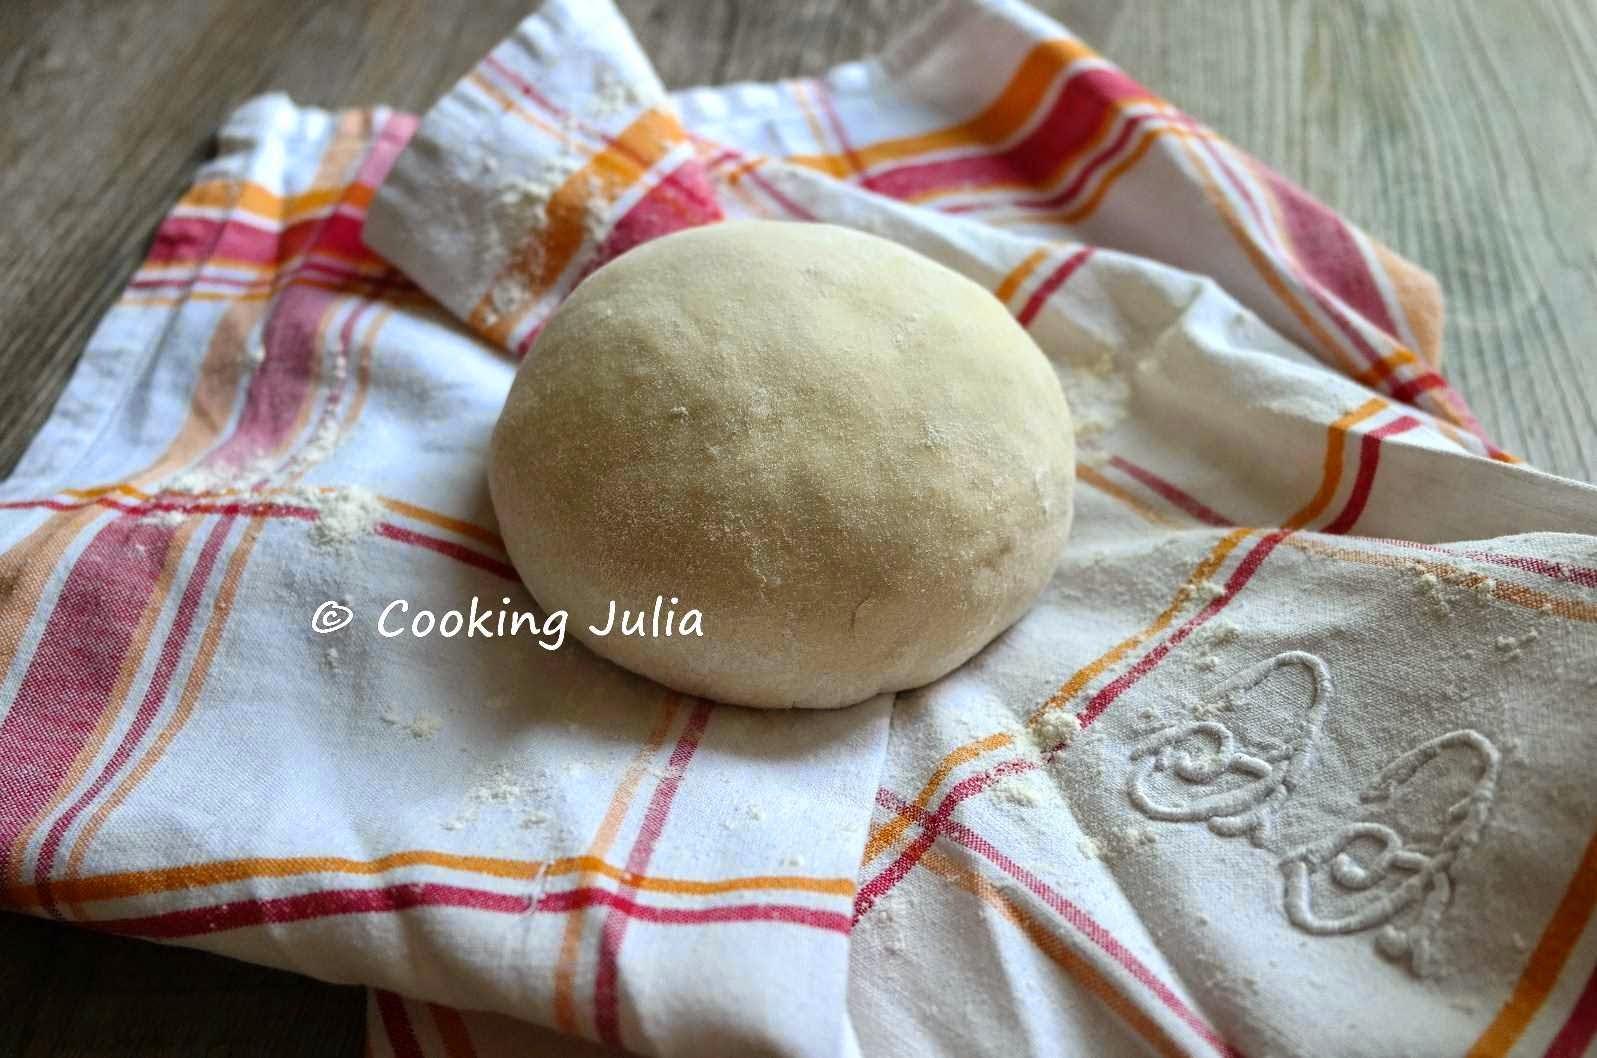 Cooking Julia Pate A Pizza Fine Sans Temps De Levee